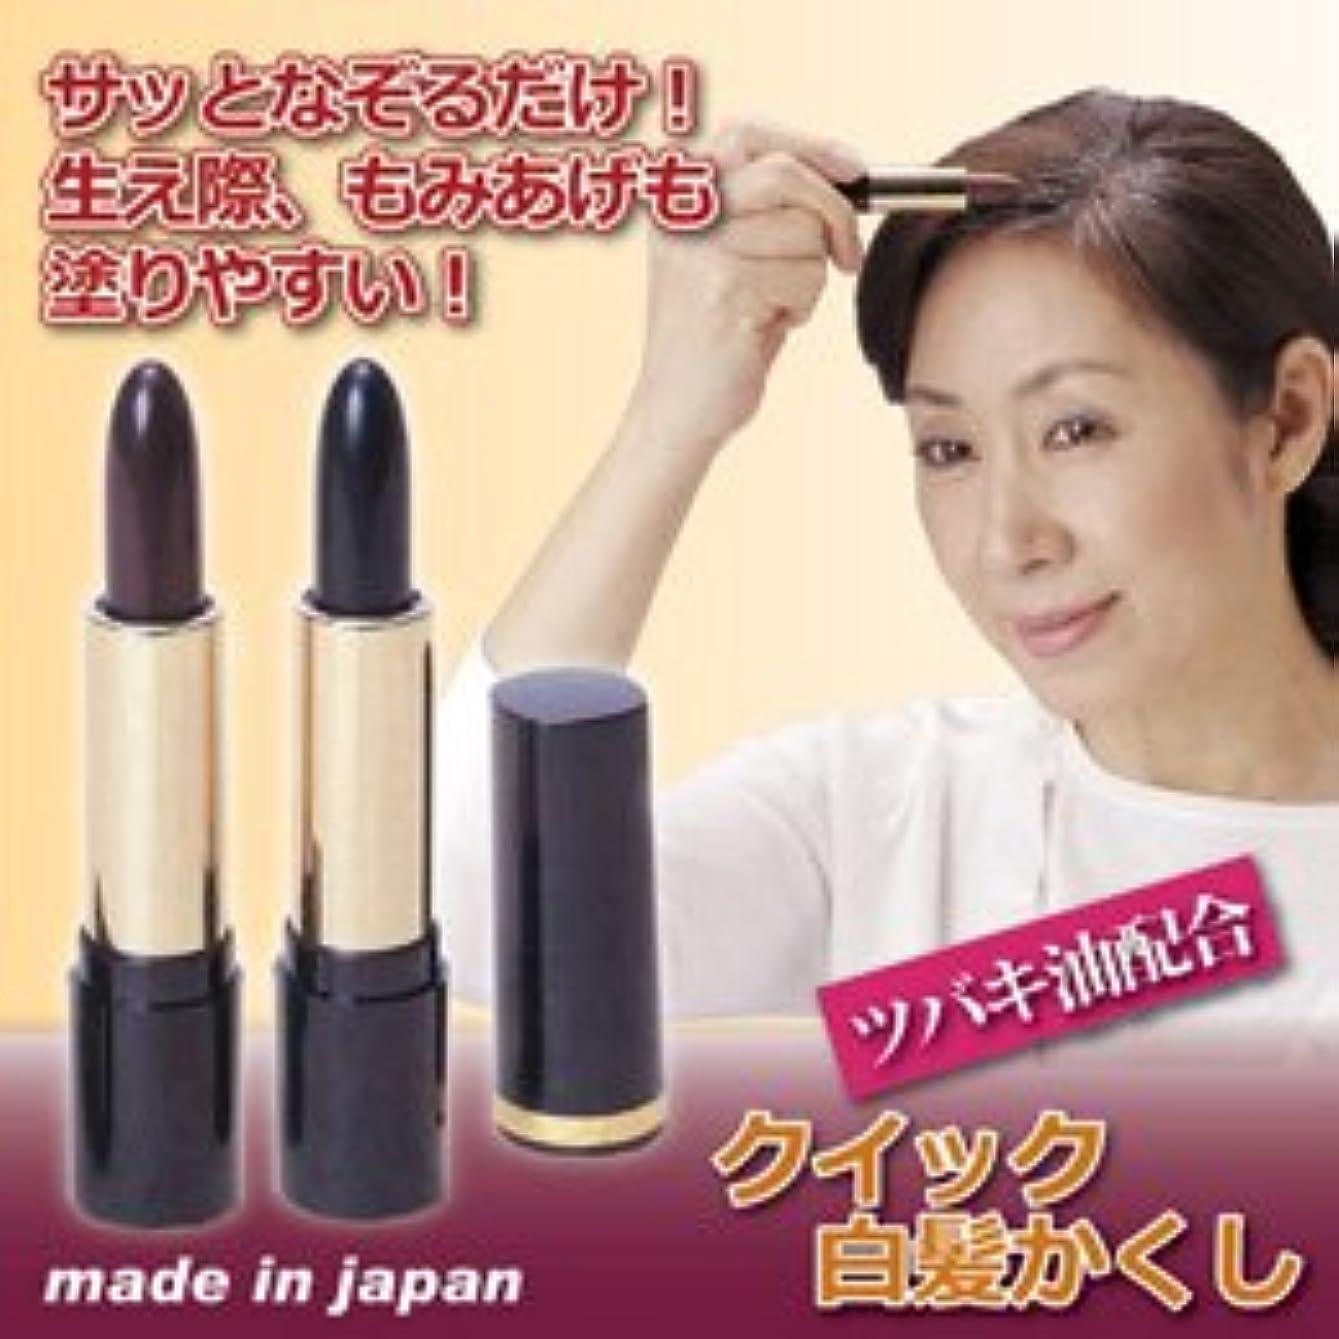 暴露するファンタジービジュアル大阪化粧品 クイック白髪かくし ブラウン 8078232